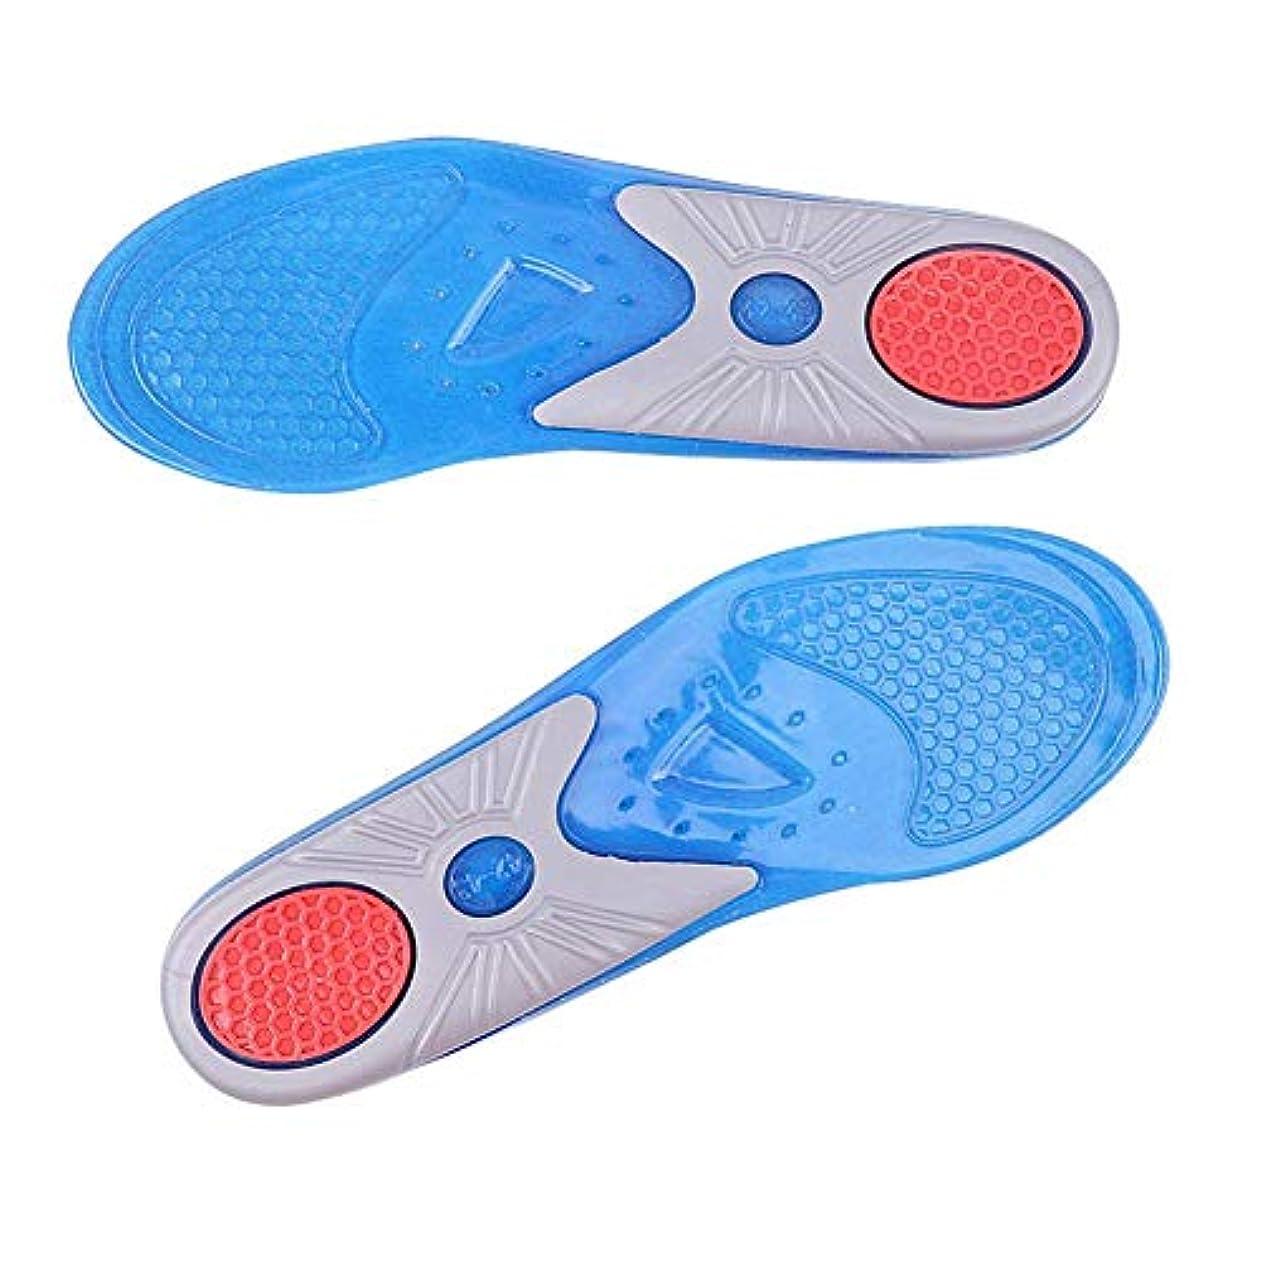 シリコーンインソール足底筋膜靴インサート足用マッサージソフトジェルアーチサポート整形外科フットケア中足骨インソールユニセックス